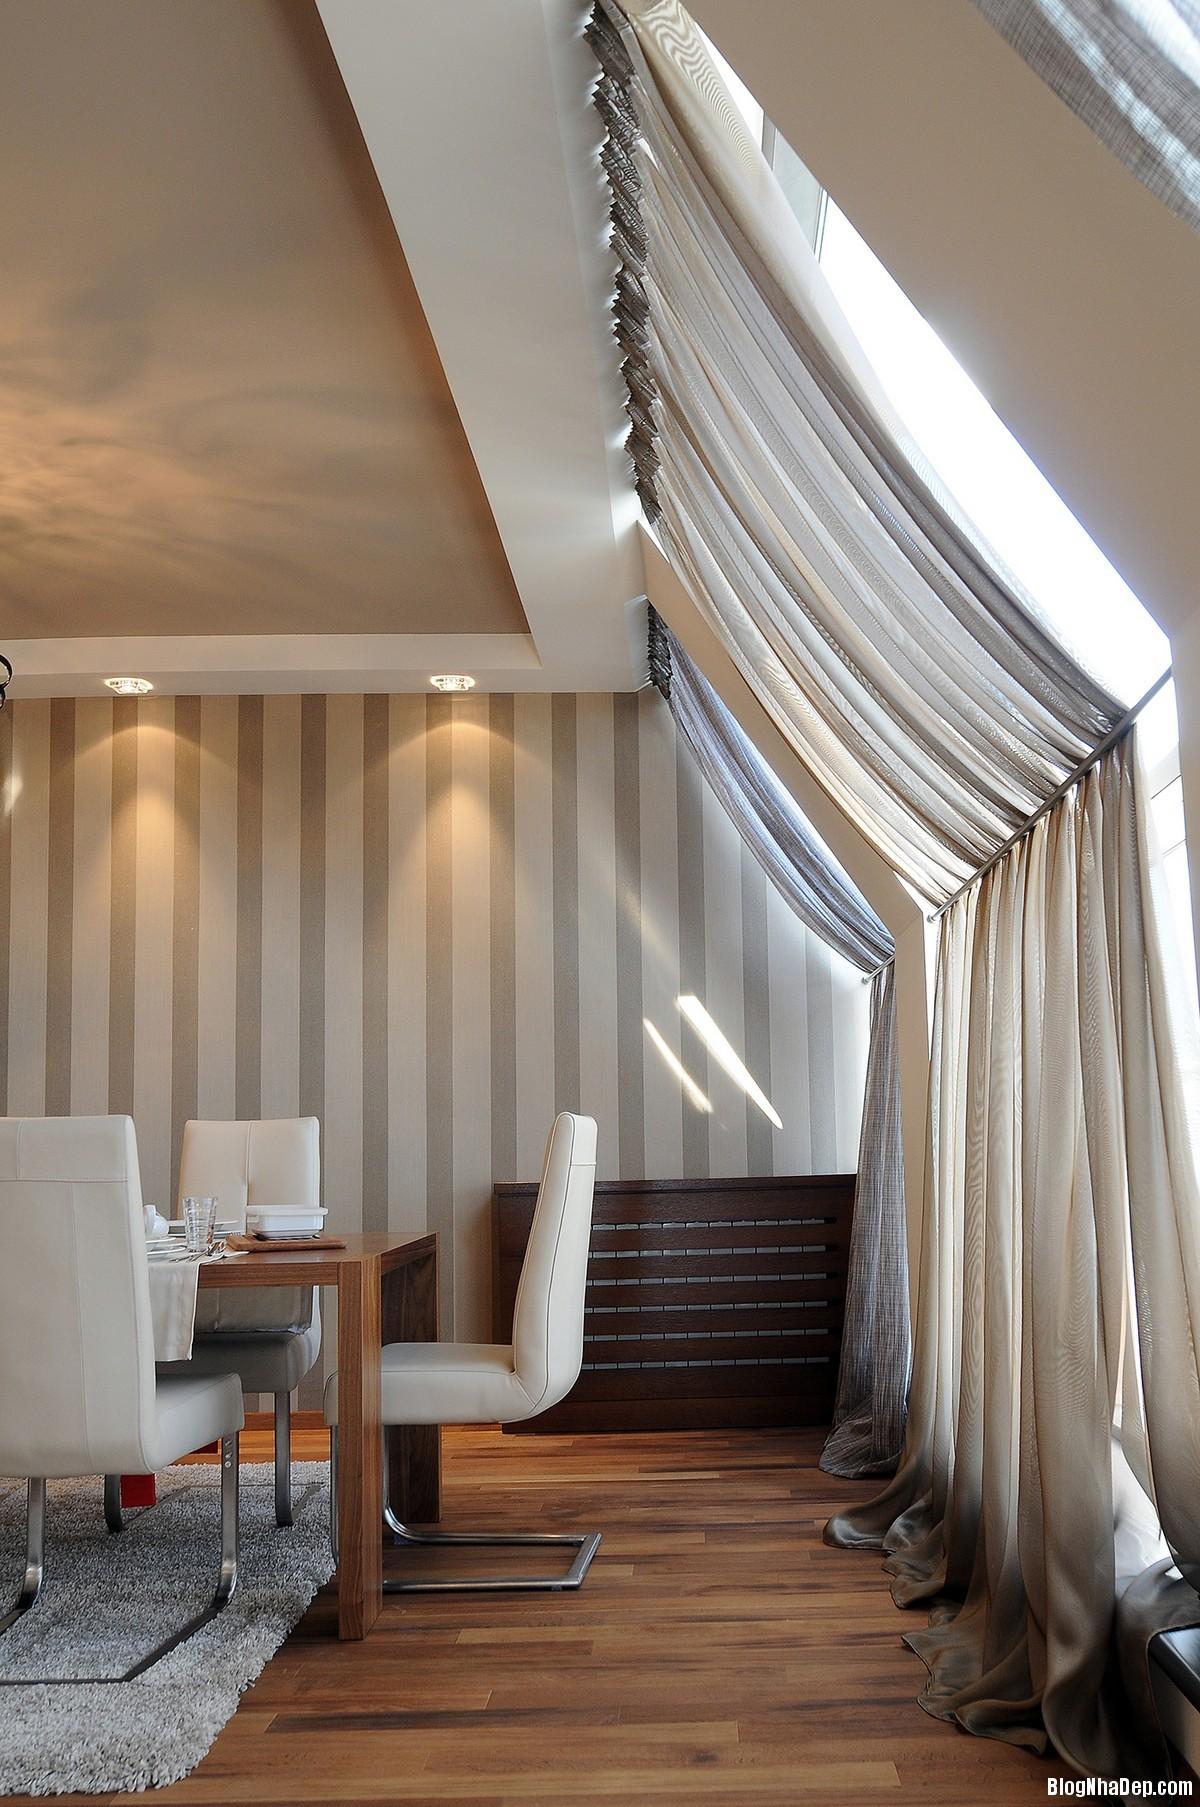 Mau Thiet Ke Nha Dep Belgrade 0436 Nhà Penthouse Với Nội Thất Hiện Đại